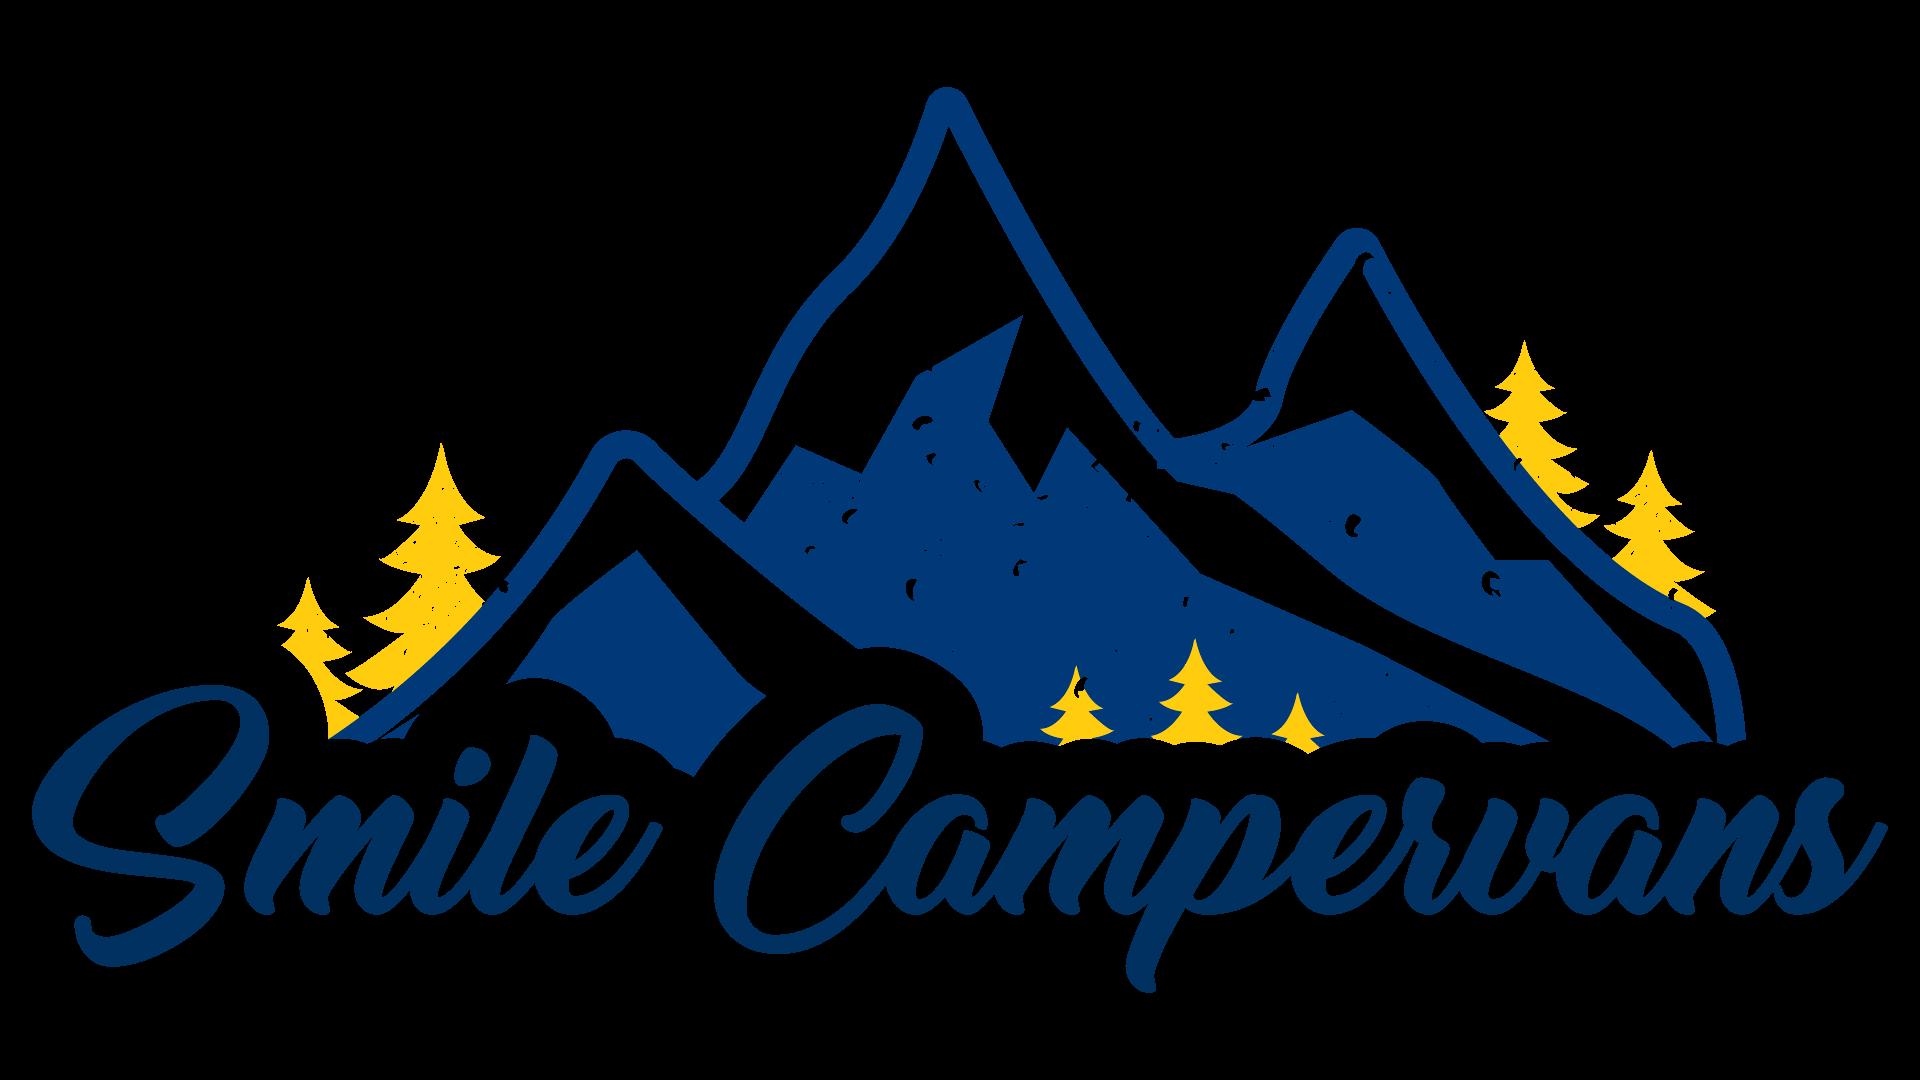 Smile Campervans